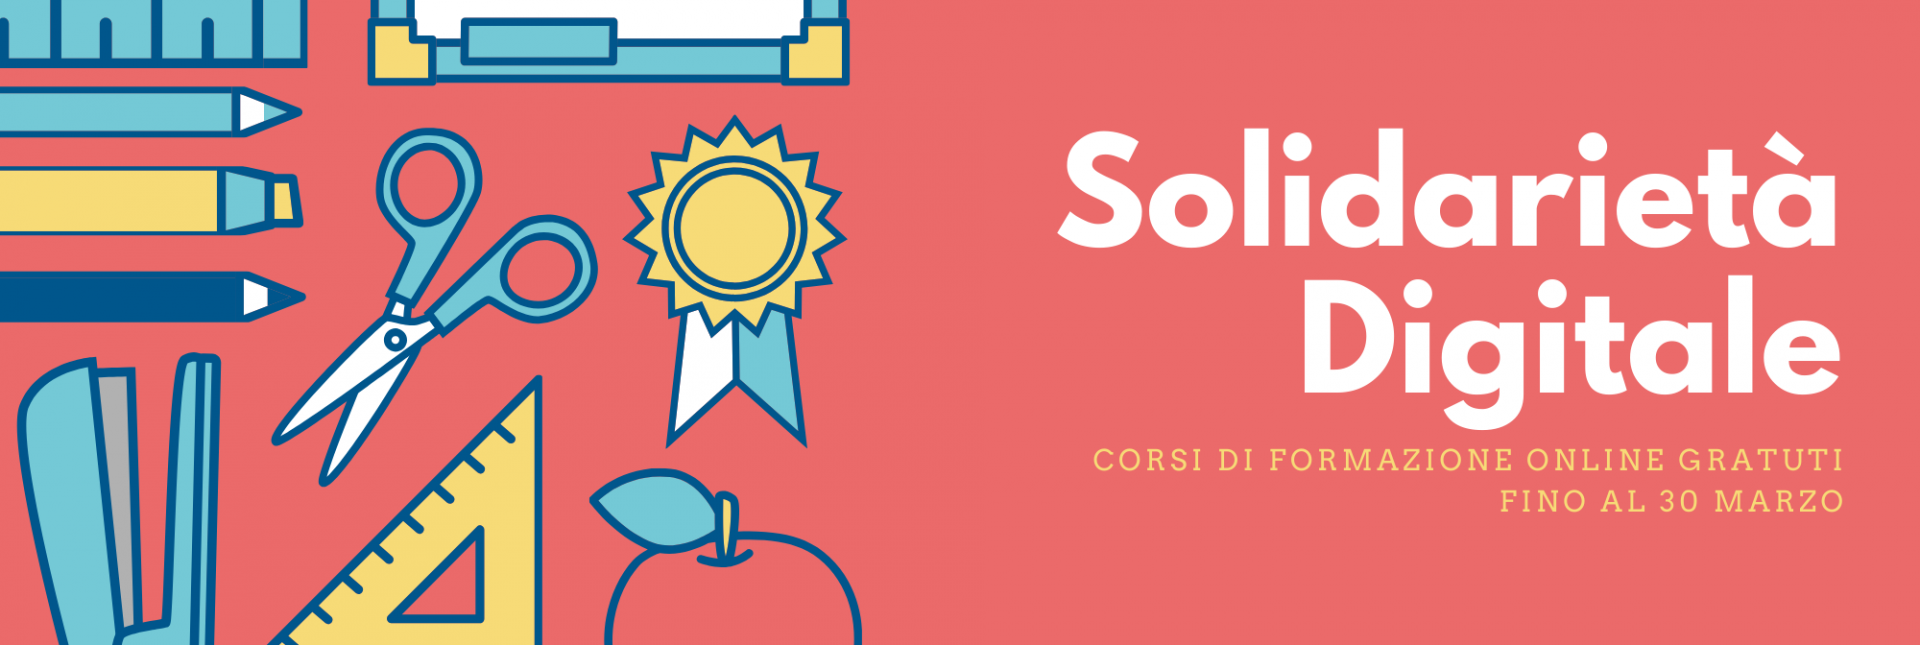 Solidarietà Digitale_corsi_formazione_online_professionisti